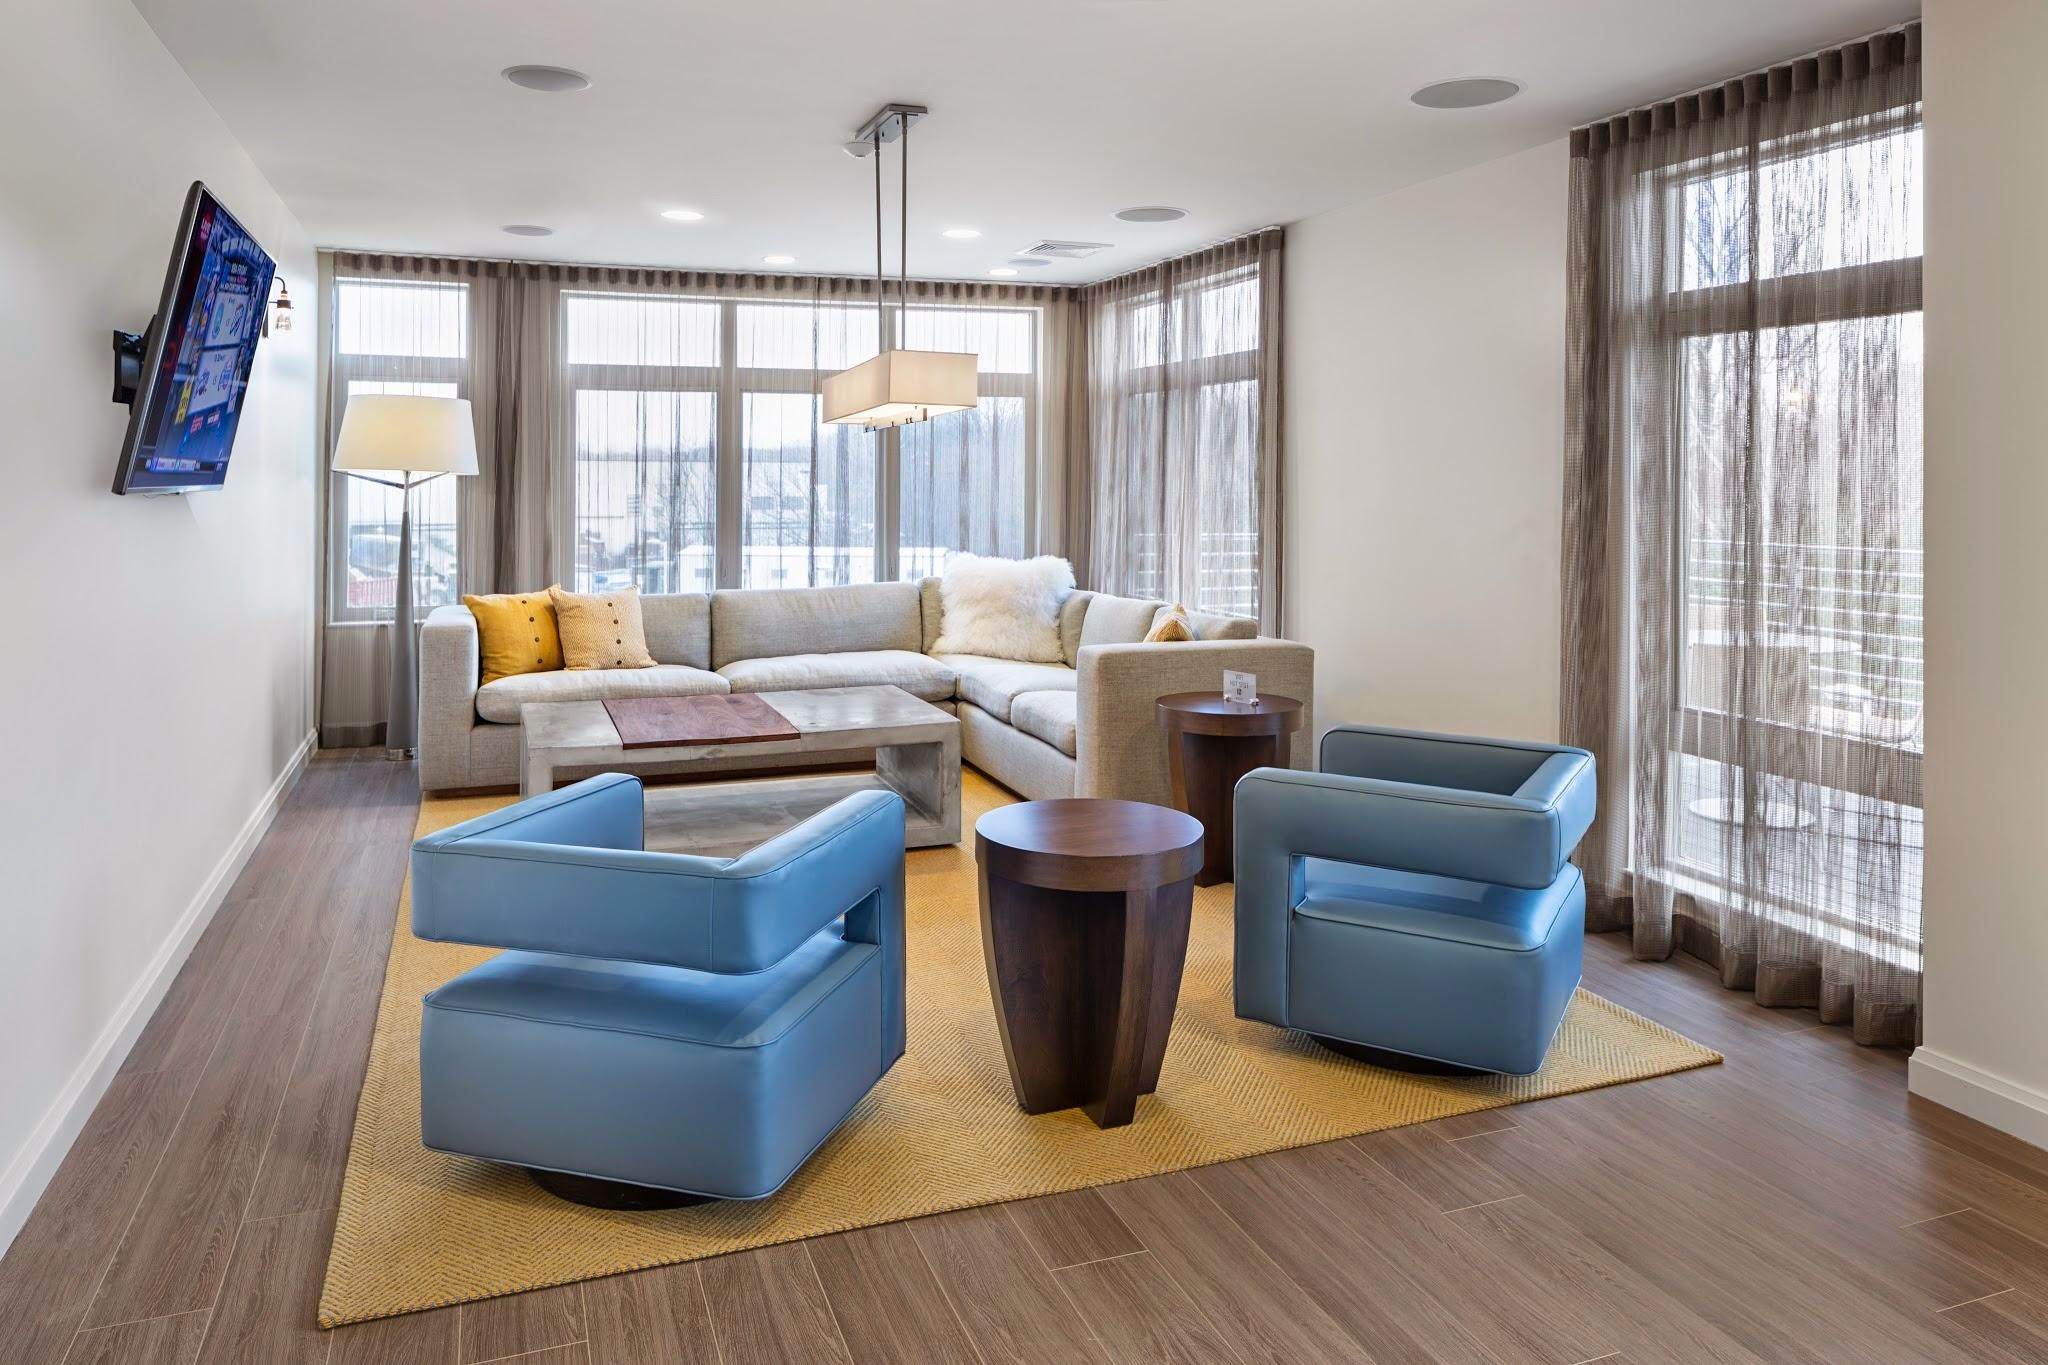 Clayborne Apartments image 8